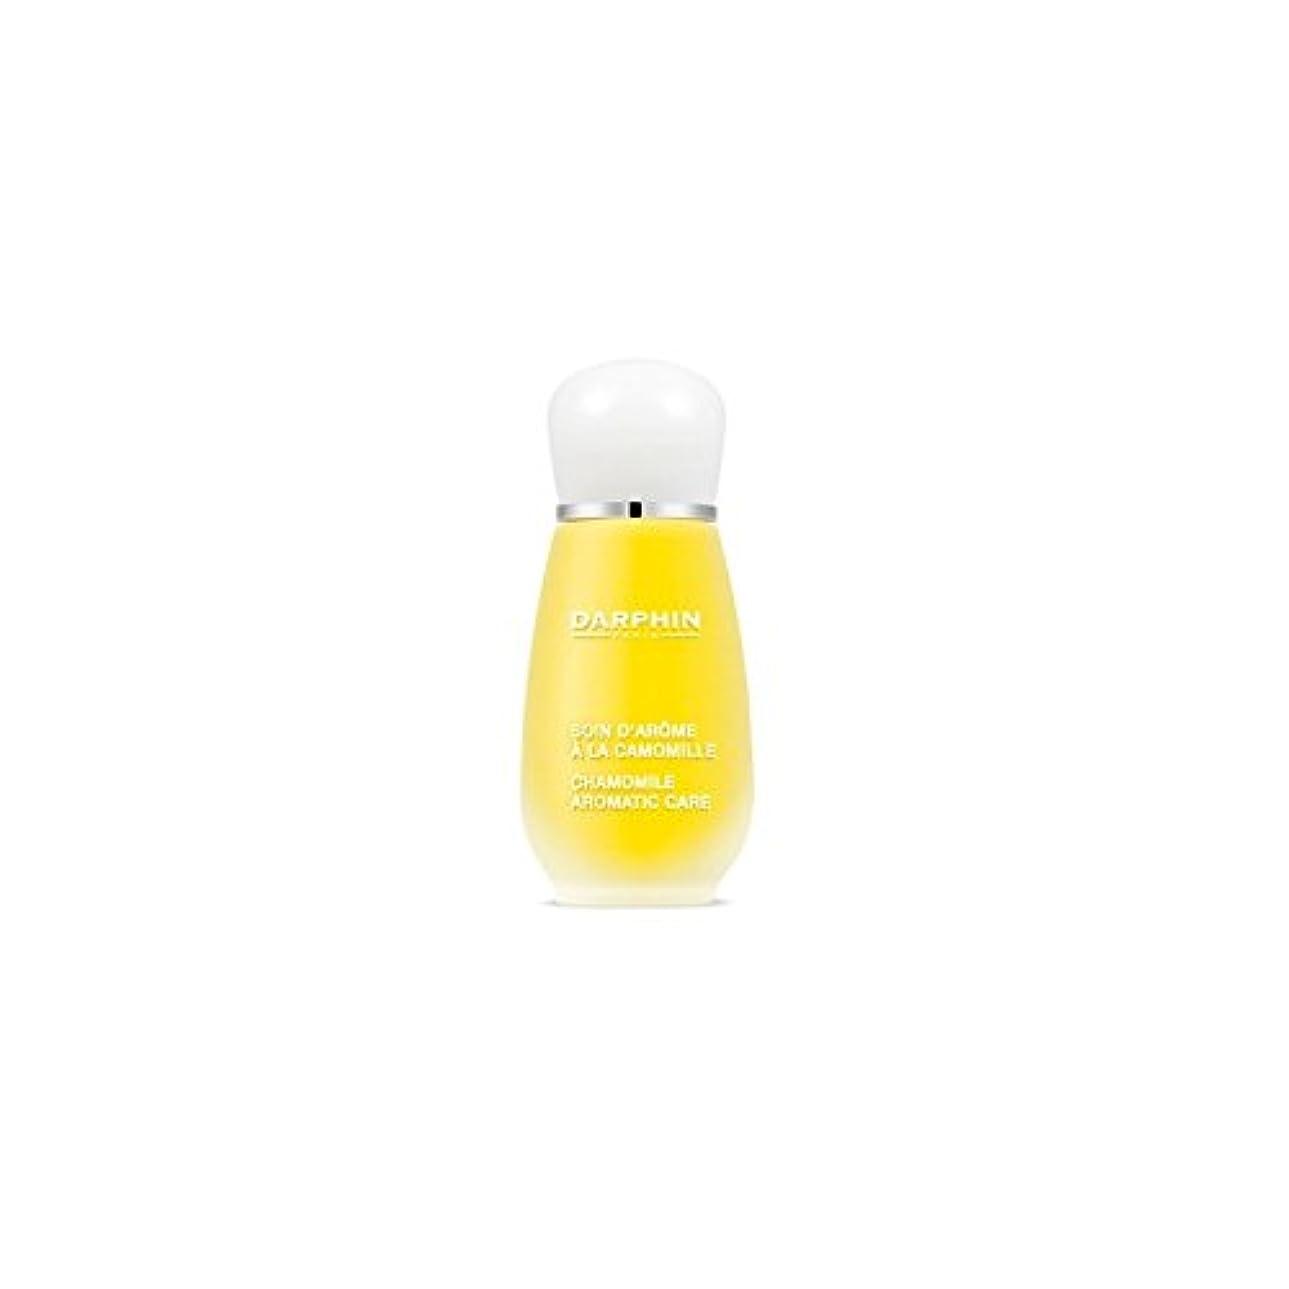 お香メタンしばしばDarphin Chamomile Aromatic Care (15ml) (Pack of 6) - ダルファンカモミール芳香ケア(15ミリリットル) x6 [並行輸入品]